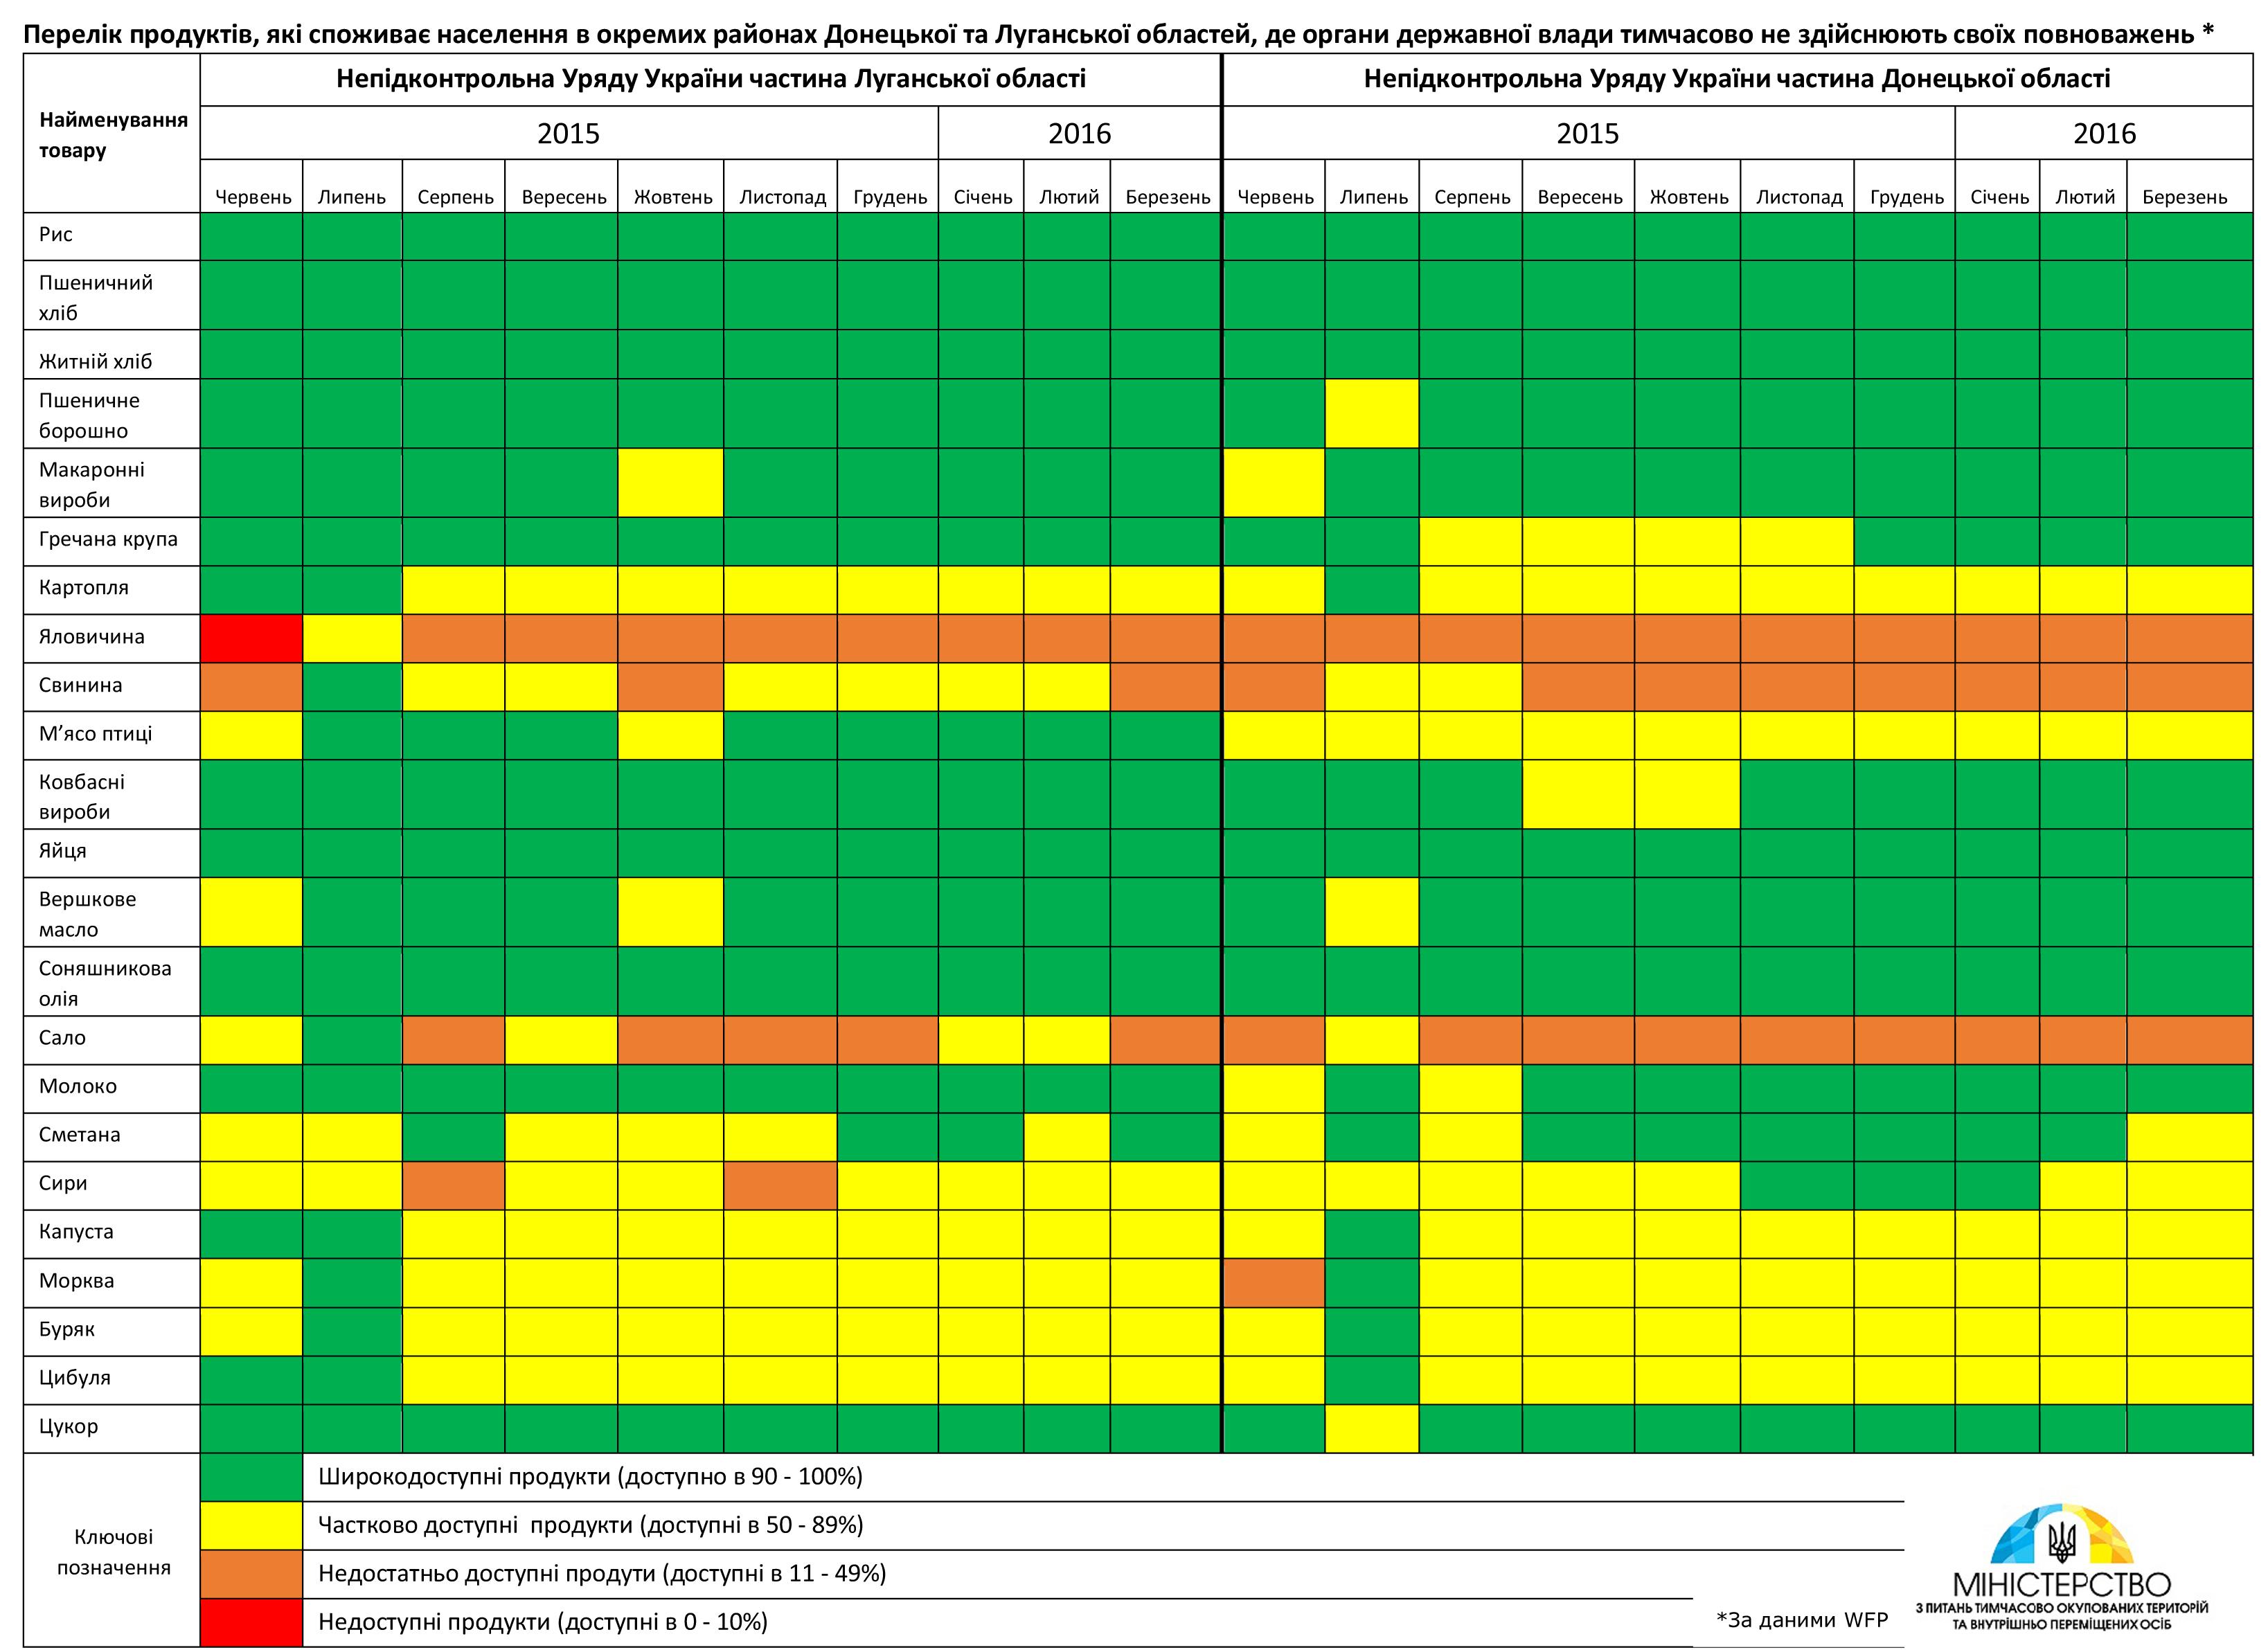 дані щодо наявності продуктів харчування в окремих районах Донецької та Луганської областей де органи державної влади тимчасово не здійснюють повноваження